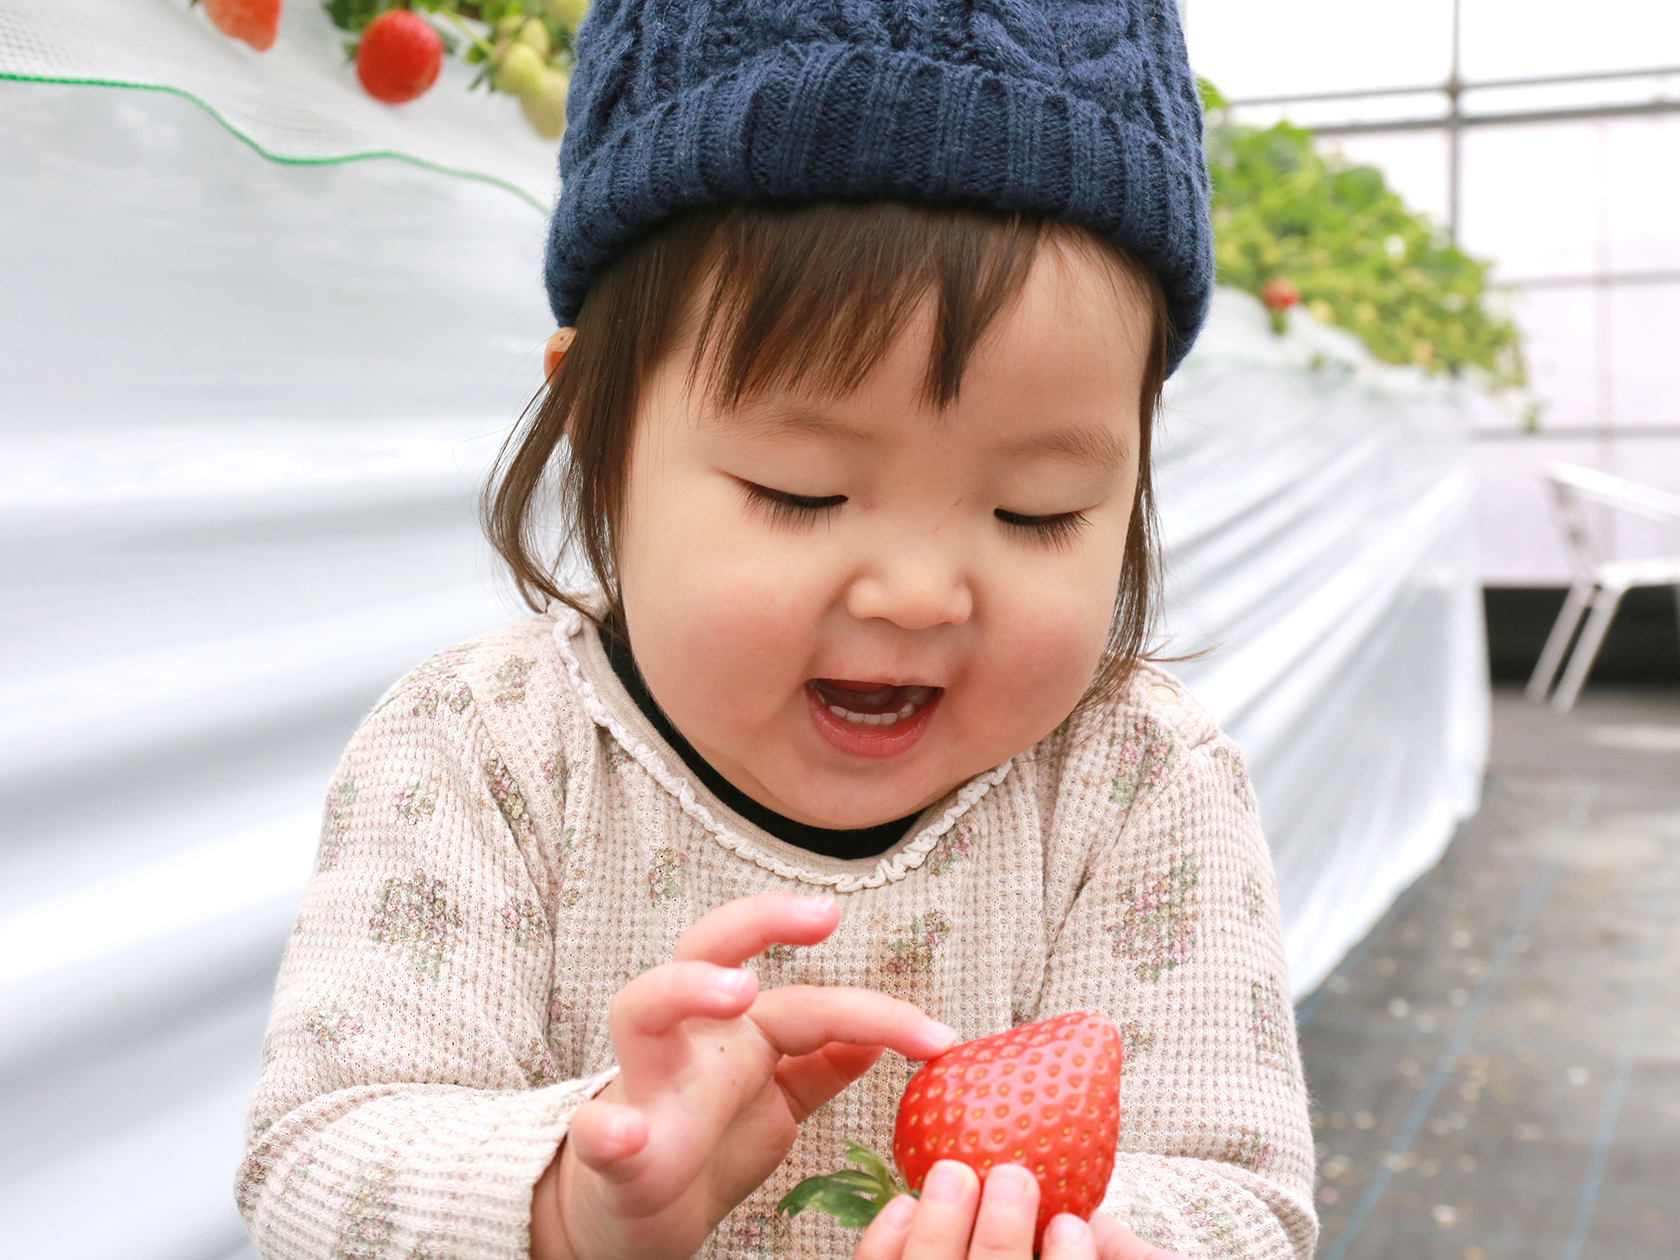 【夏ギフト】いちごジェラート 12個セット【3種(あまおう・紅ほっぺ・3種のいちご)x4】